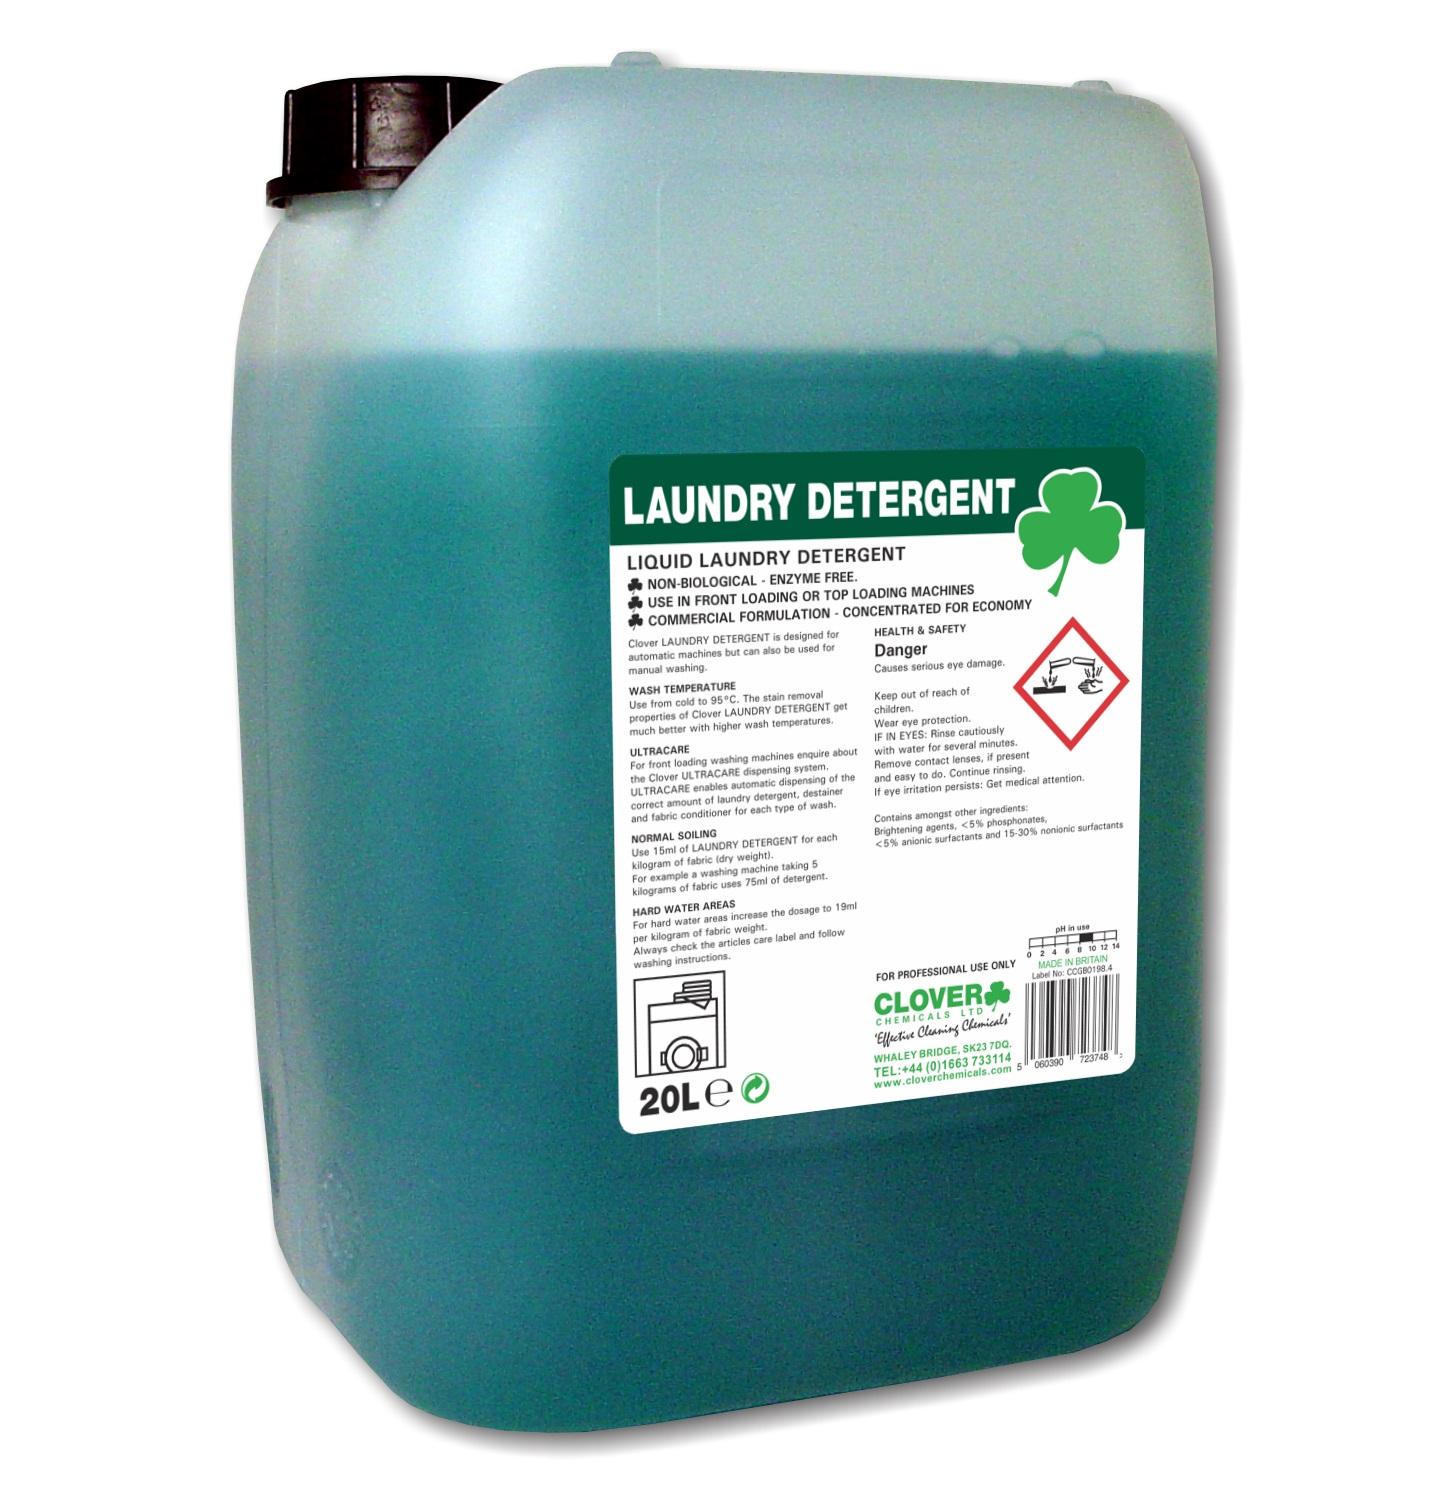 20-litre---Laundry-Detergent